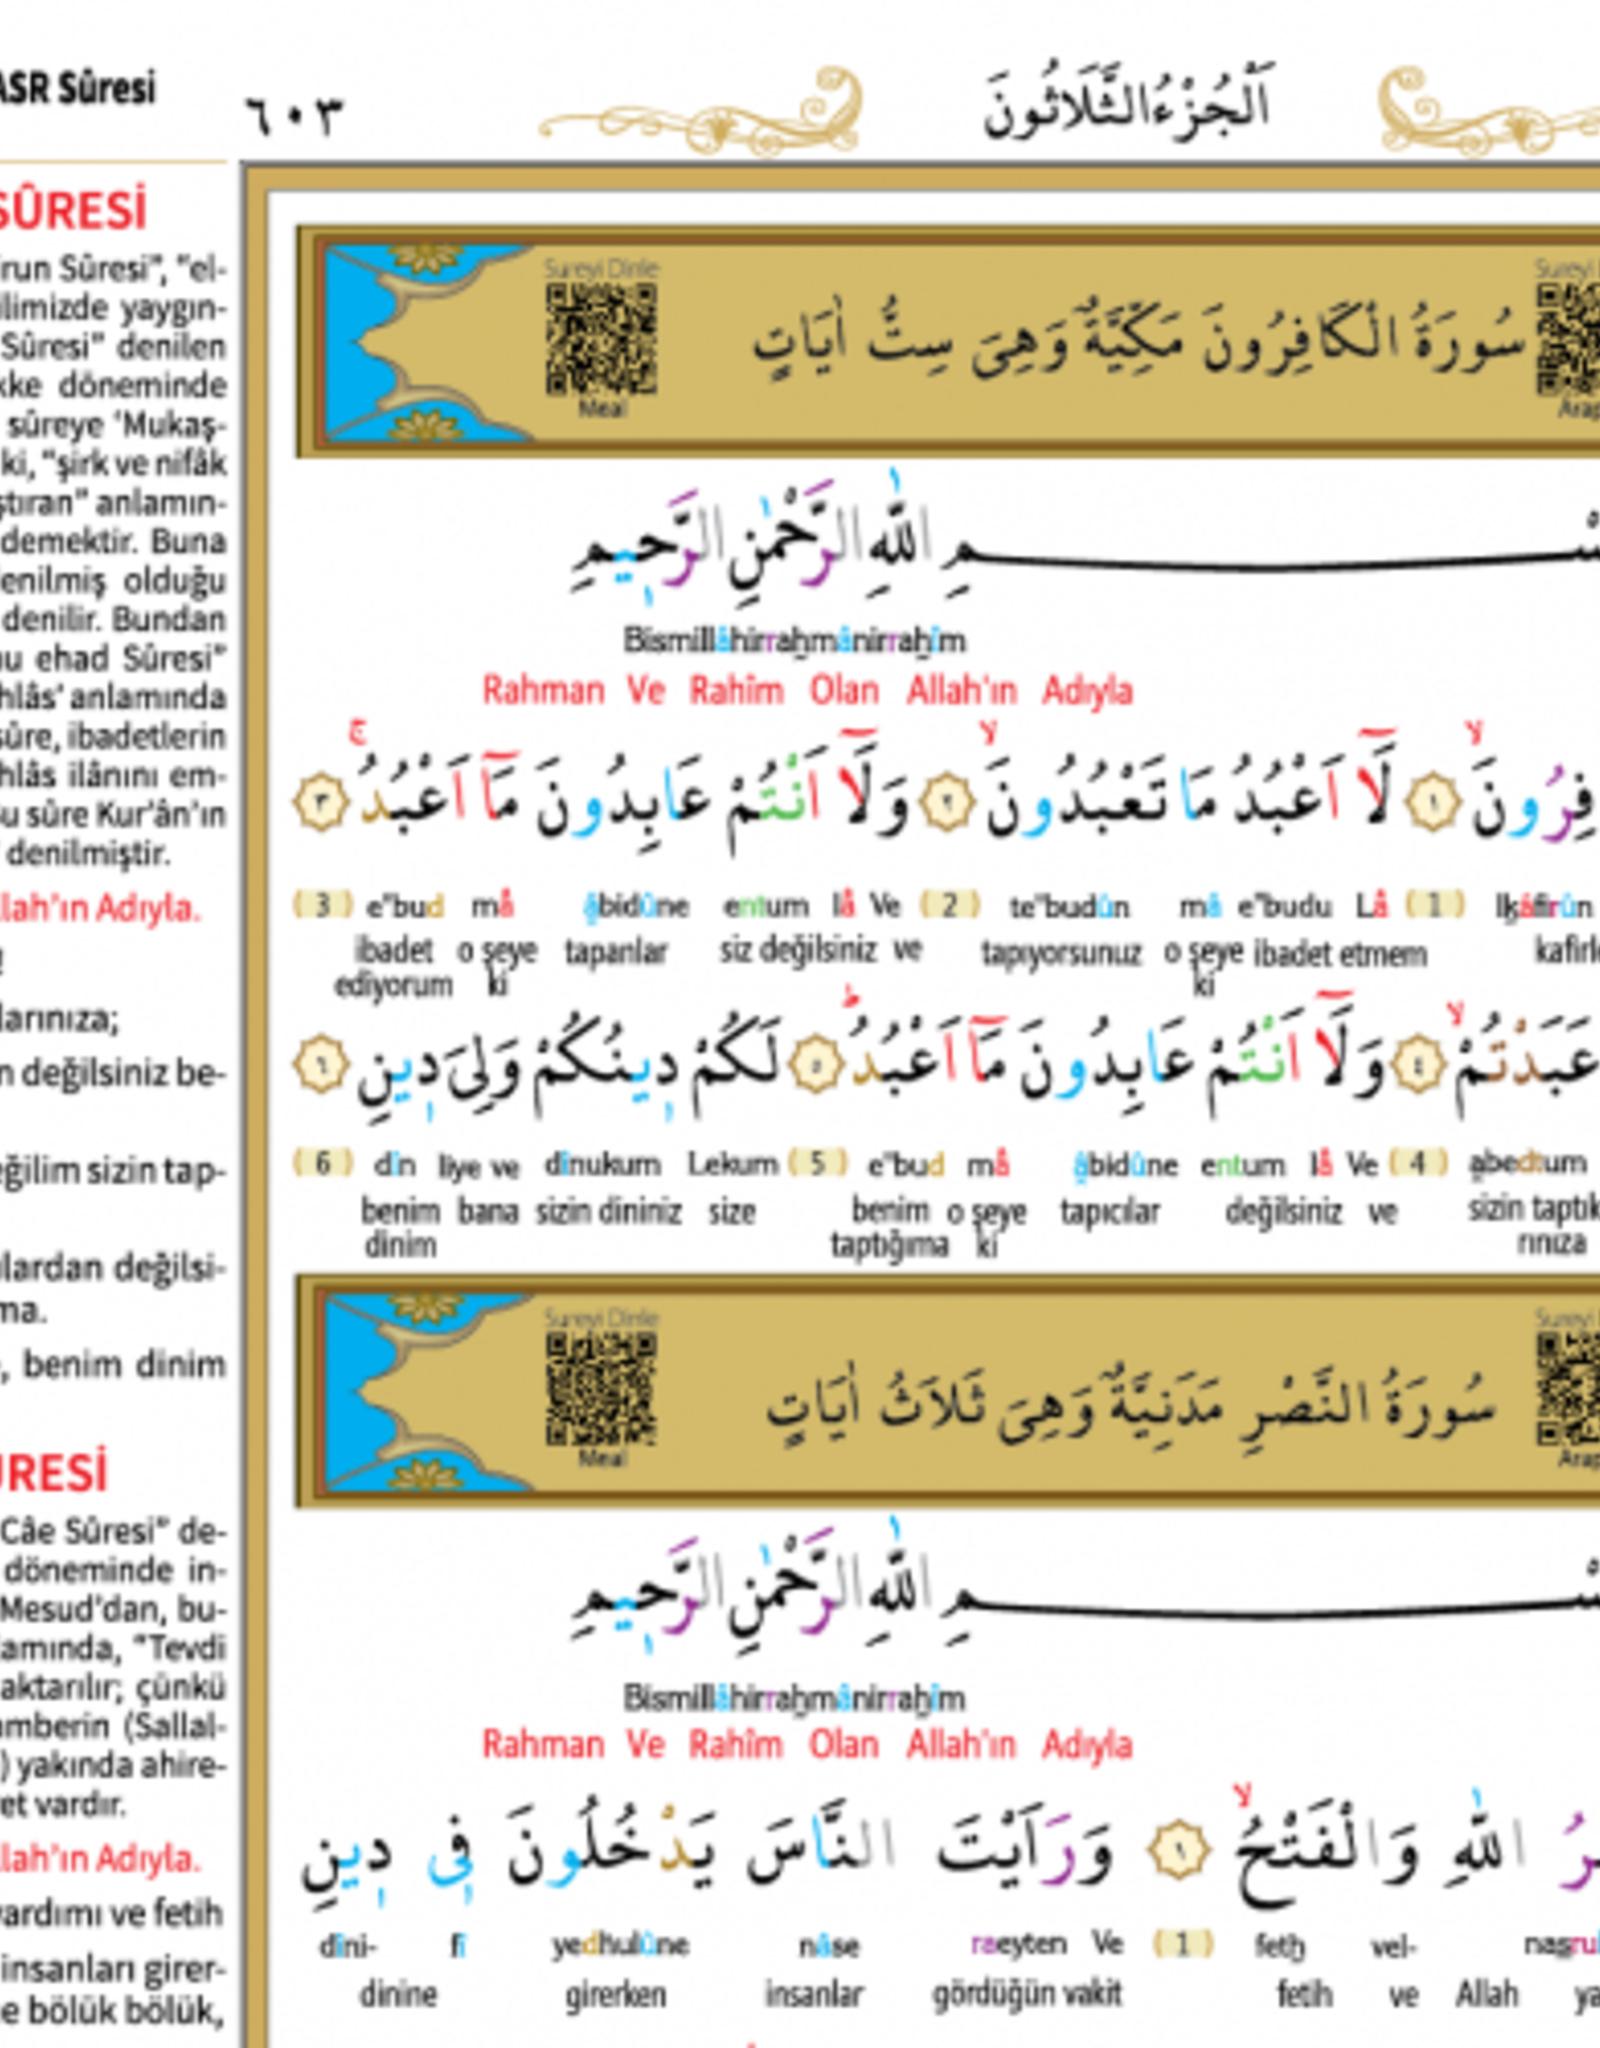 Kur'anı Kerim Rahle Boy Meal 5 Özellikli